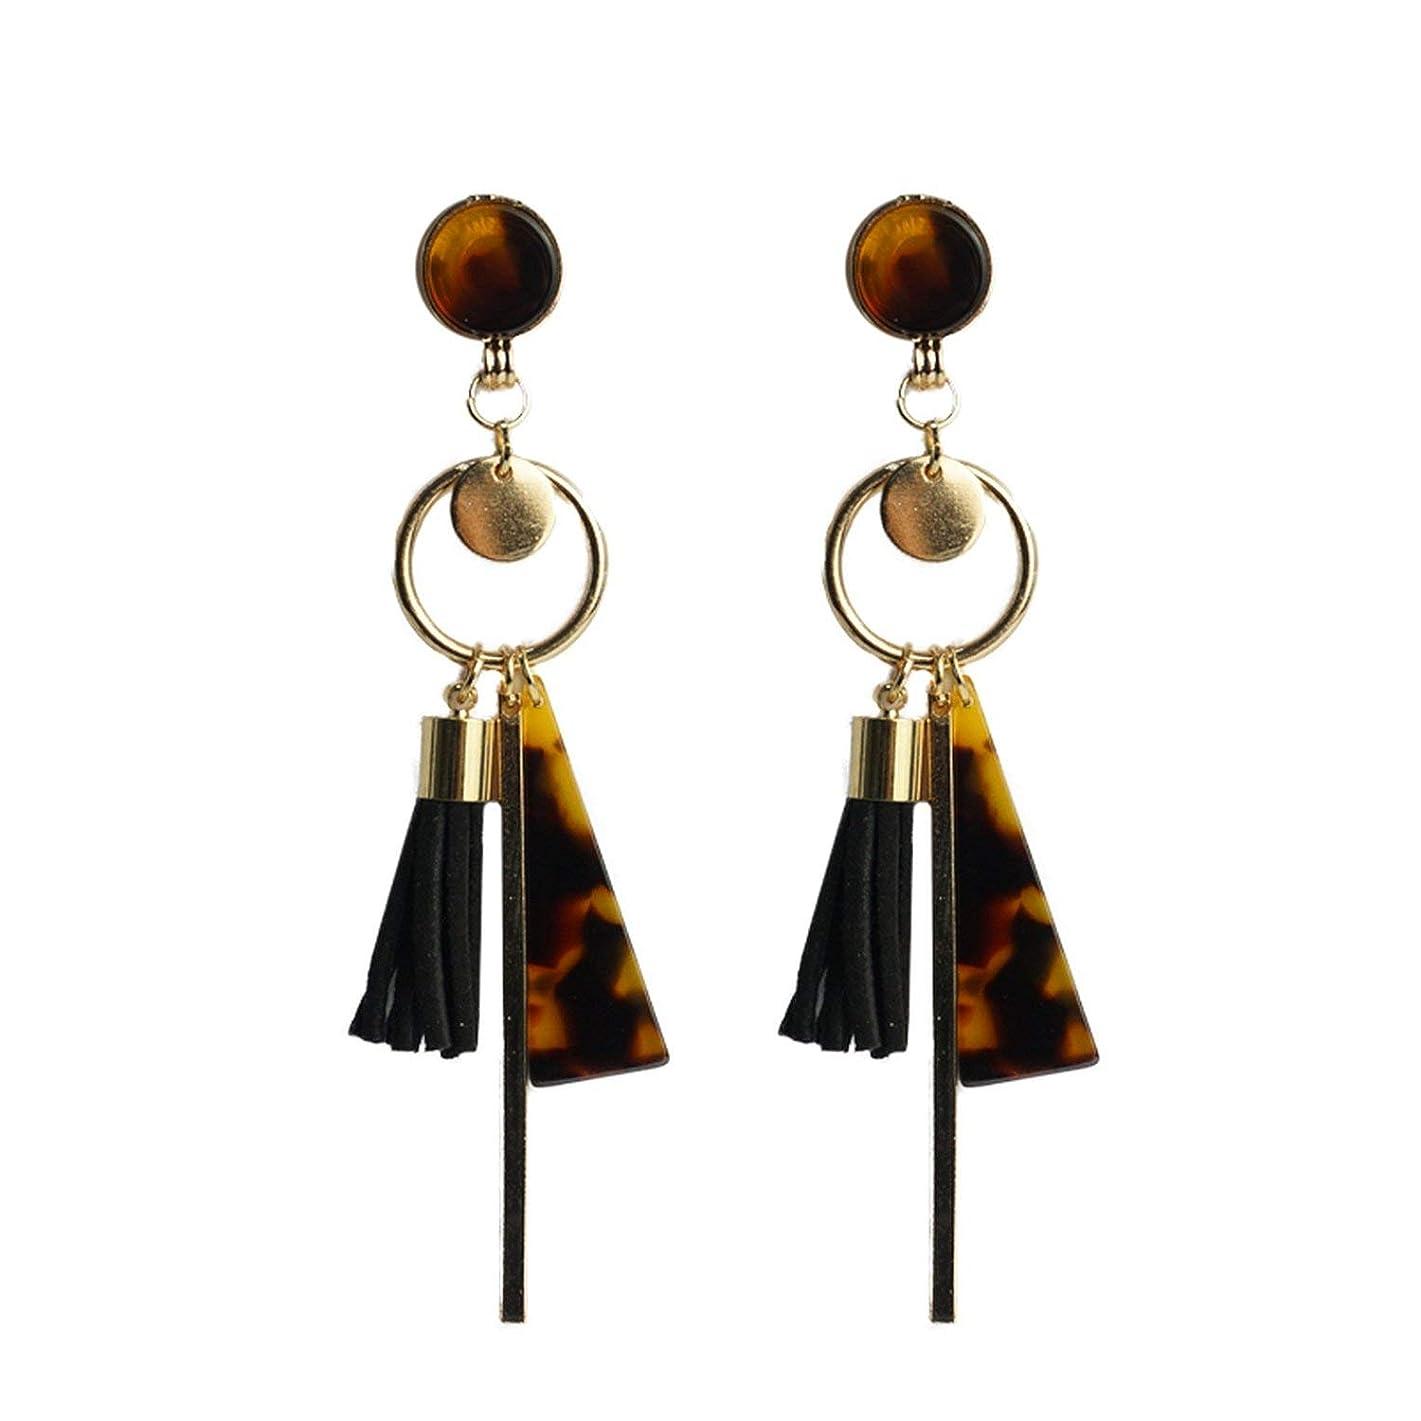 Cpop Trendy Black Tassel Earrings For Women Boho Gold Leopard Acrylic Pendant Dangle Earrings Fashion Resin Jewelry Gifts